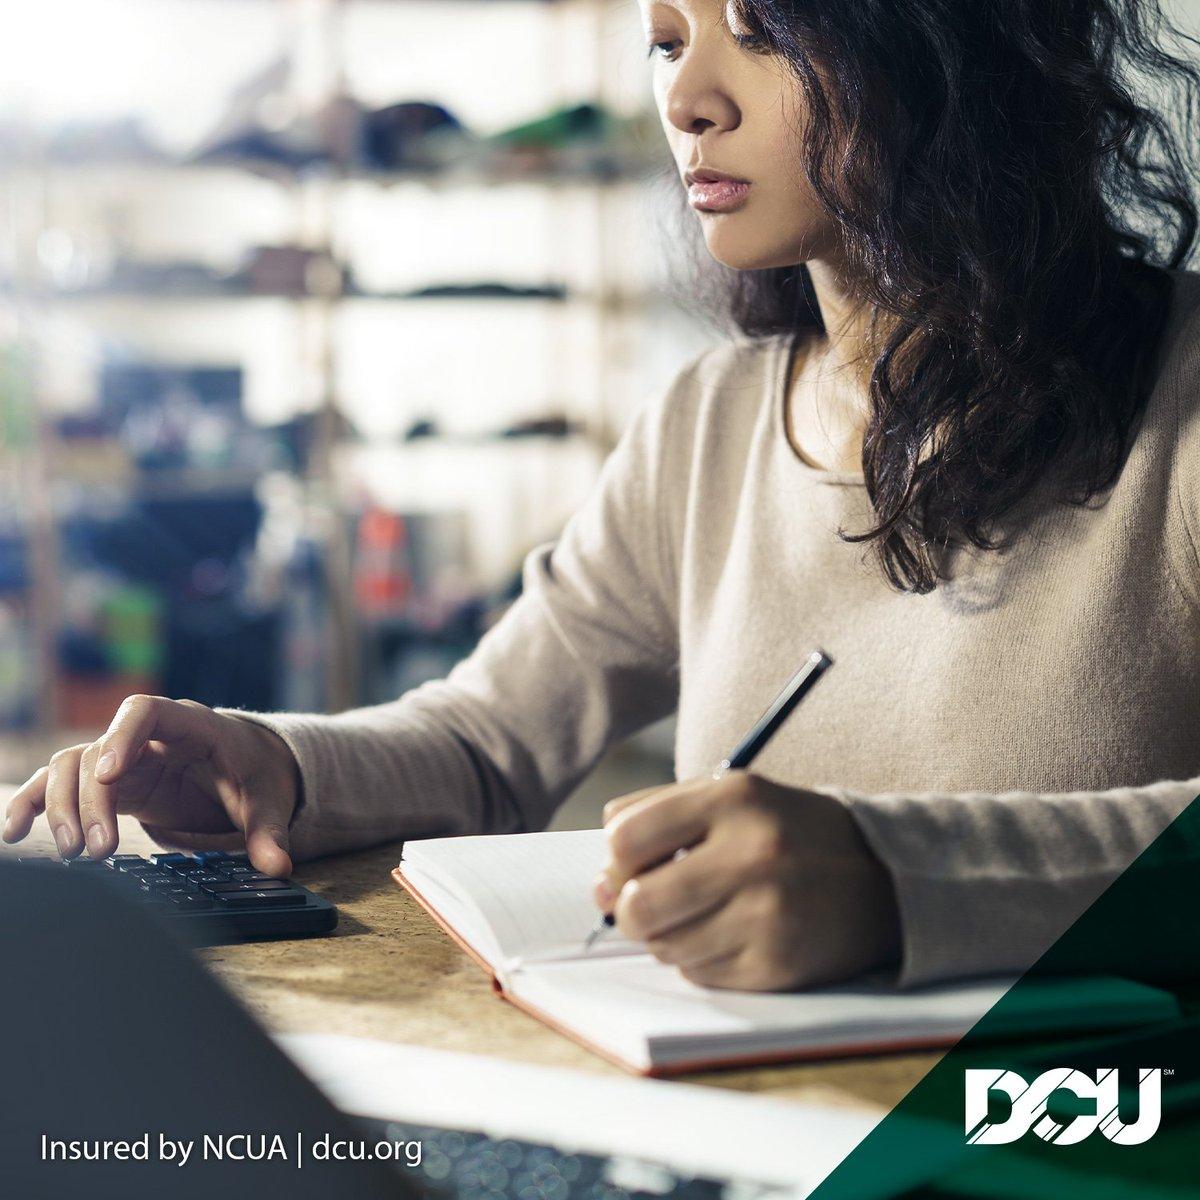 Dcu Auto Loan Calculator >> Dcu Dcucreditunion تويتر